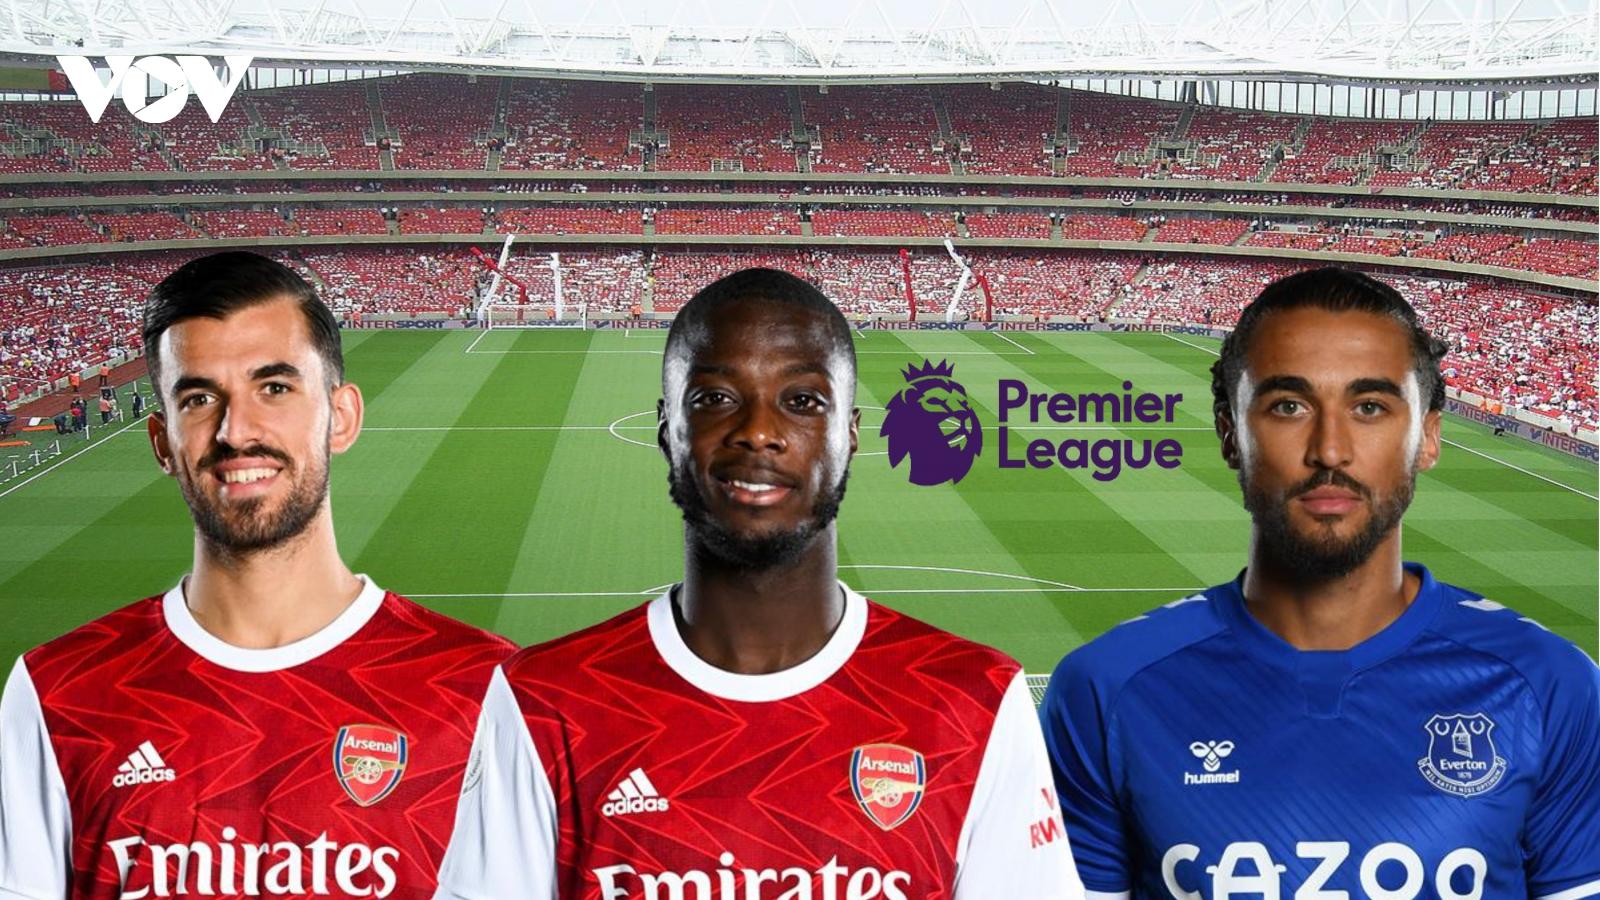 Dự đoán kết quả, đội hình xuất phát trận Arsenal - Everton